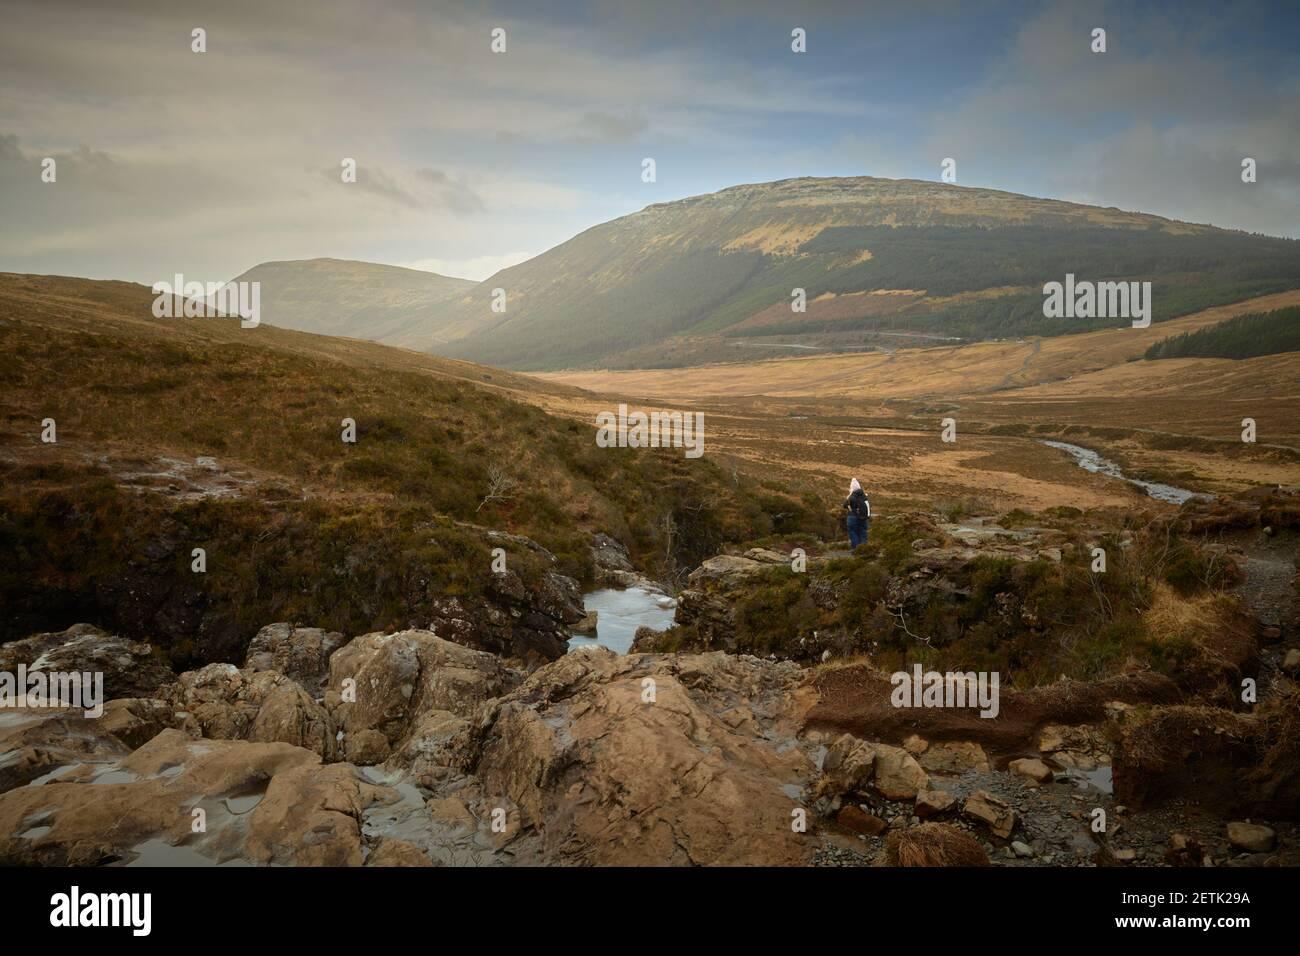 Montañero turístico mirando las impresionantes vistas en el valle montañoso.concepto de viaje, turismo Fairy Pools Skye Island - Escocia Foto de stock